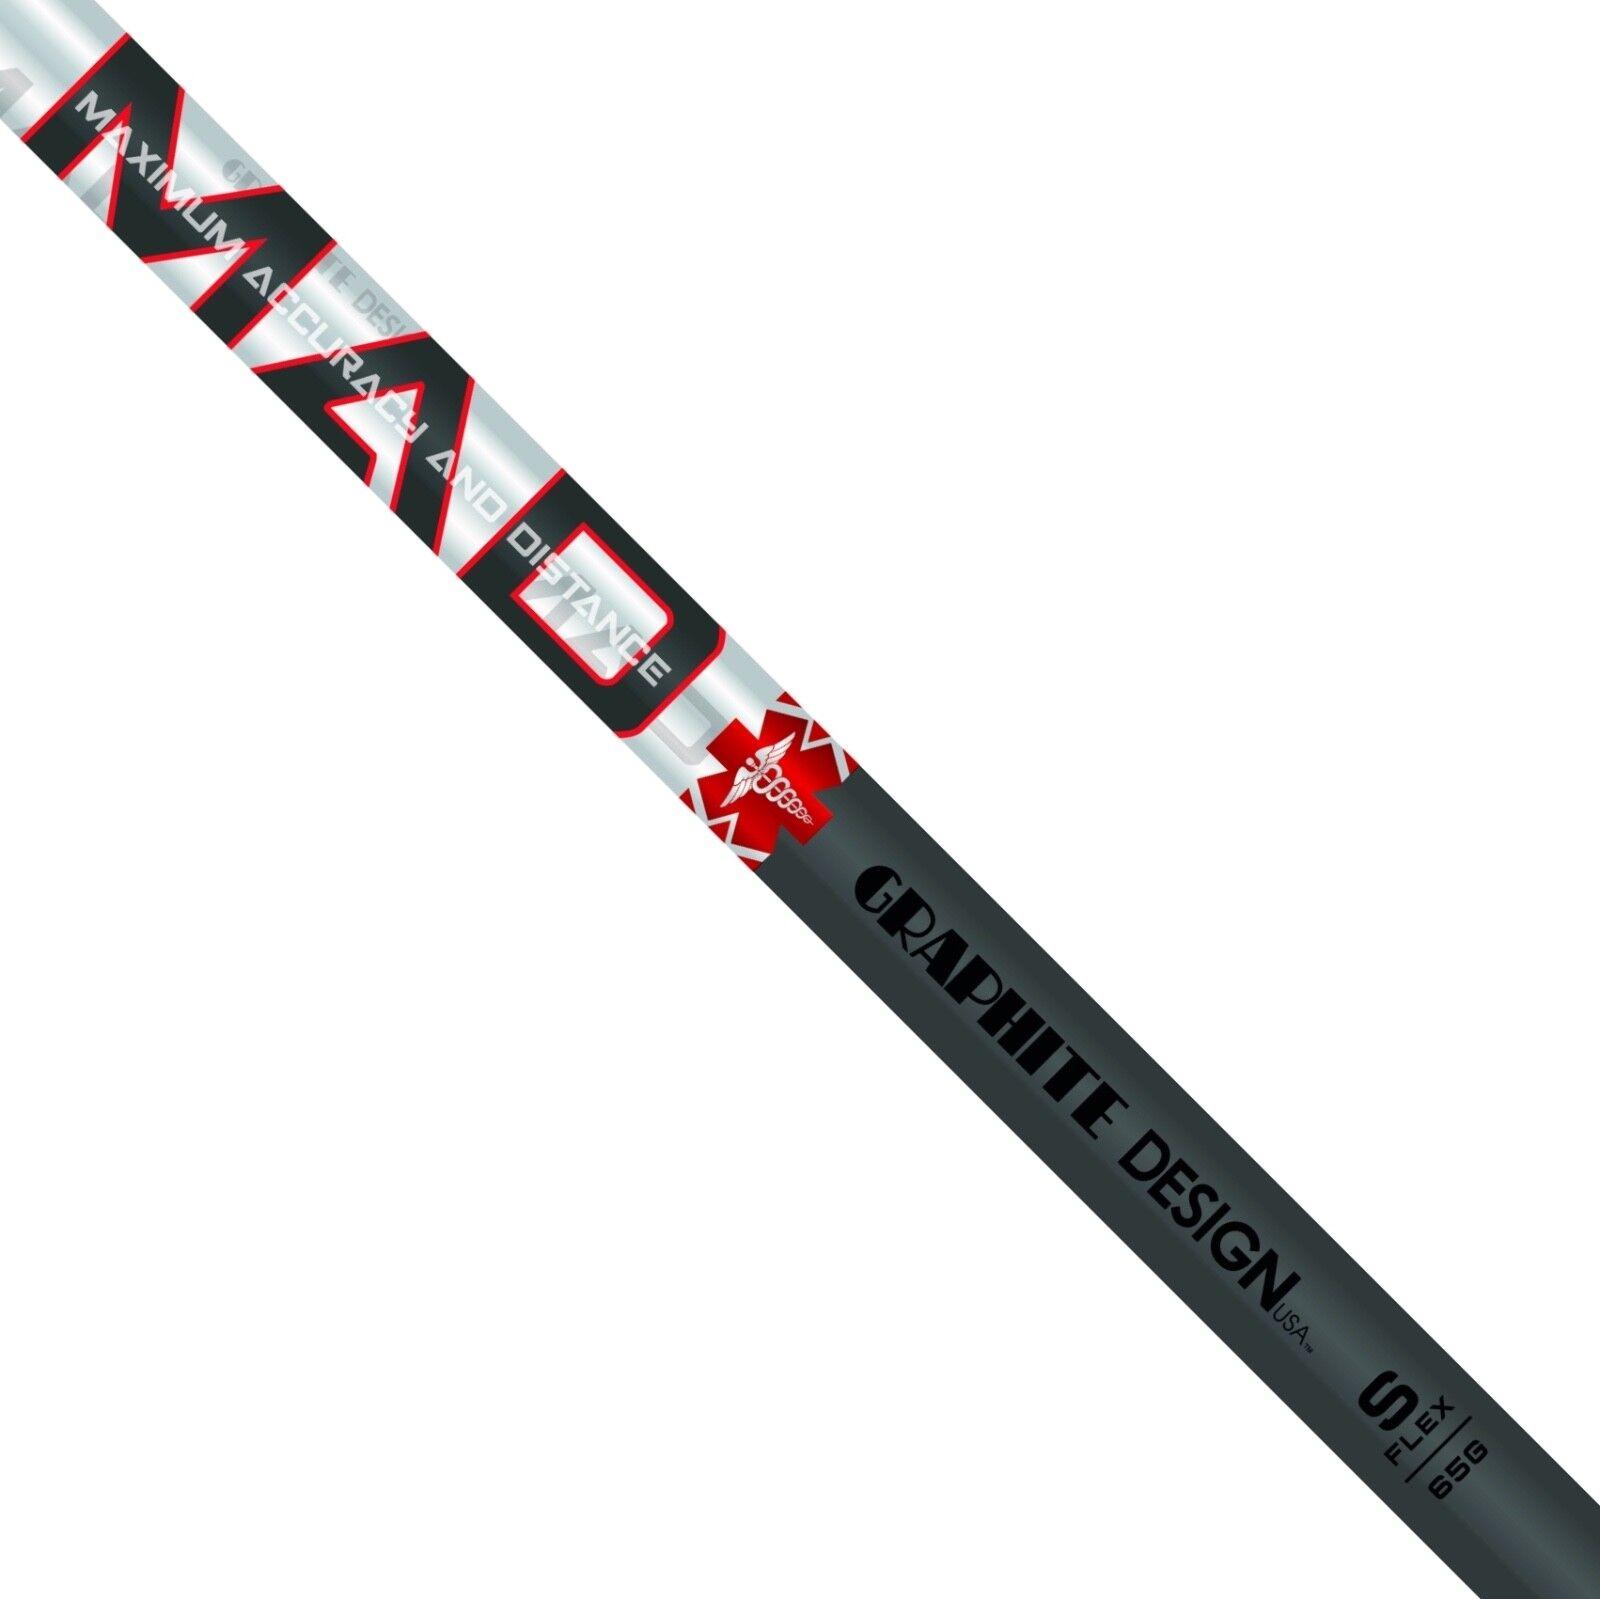 GRAPHITE Design Mad 55 Eje rígido Flex Para Driver Taylormade M5 M6